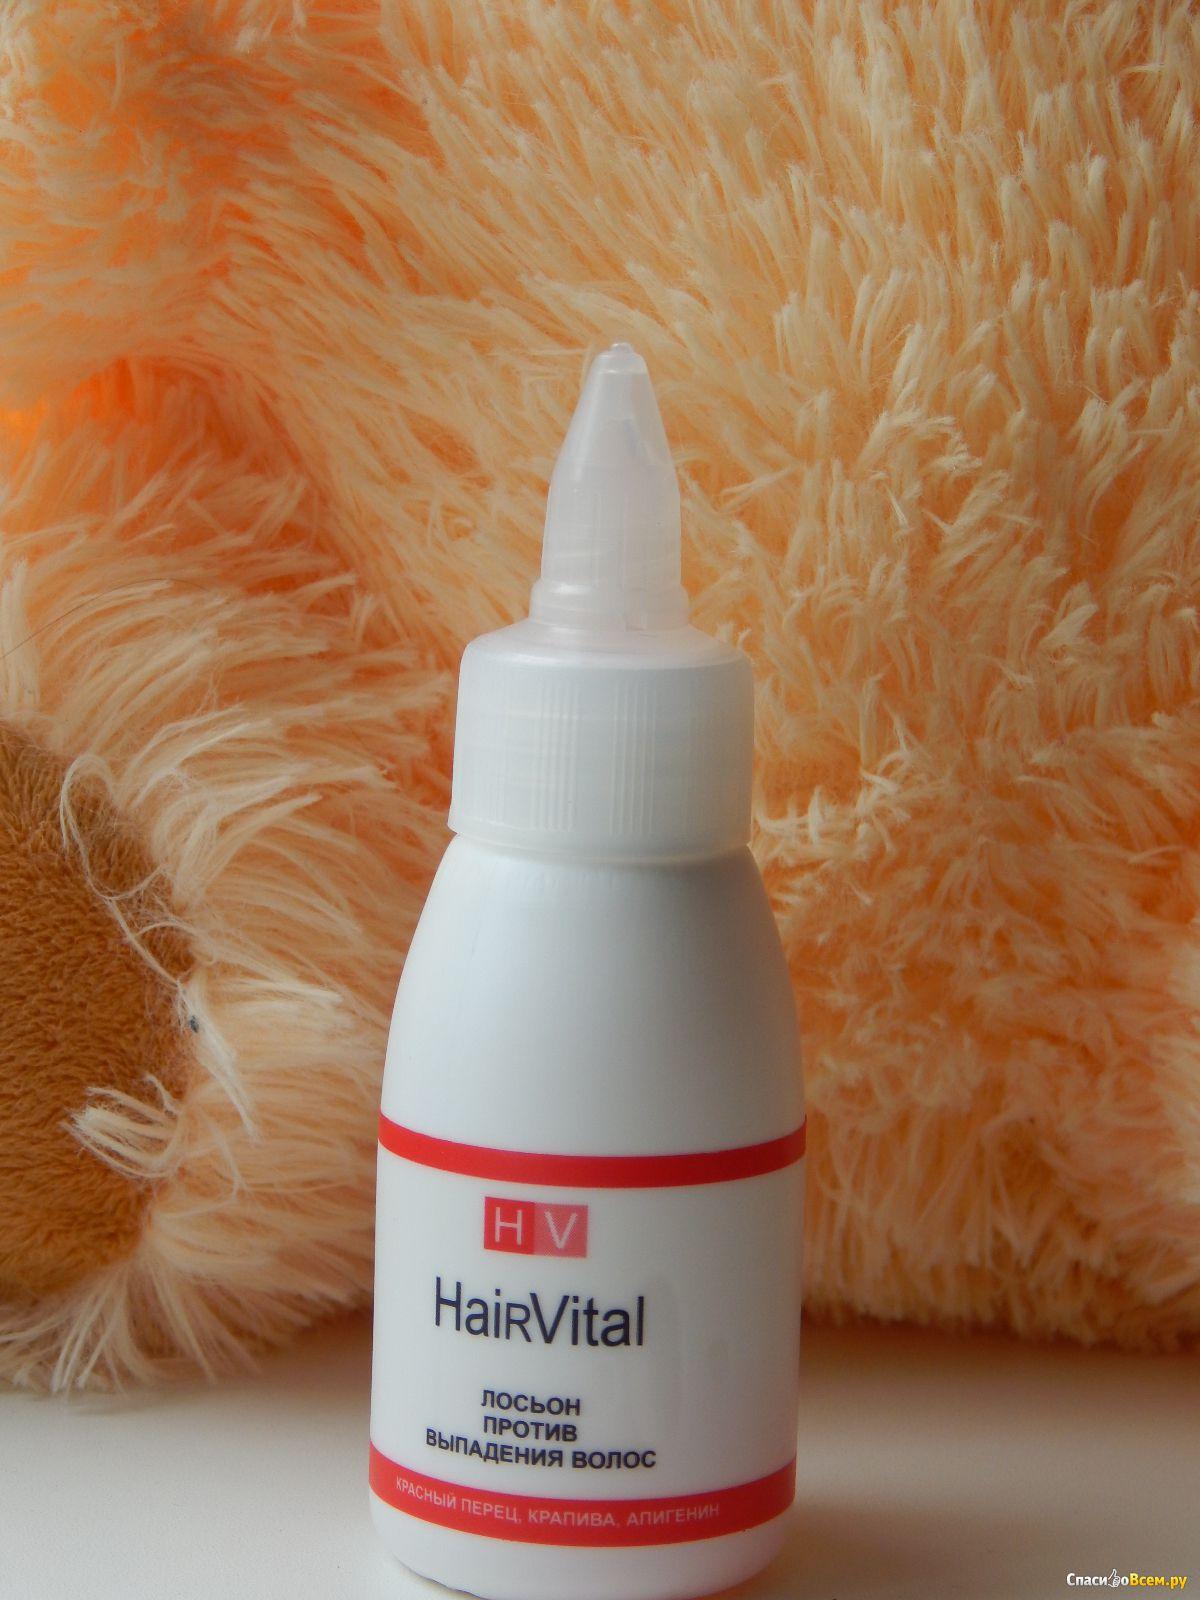 Hair vital лосьон против выпадения волос отзывы